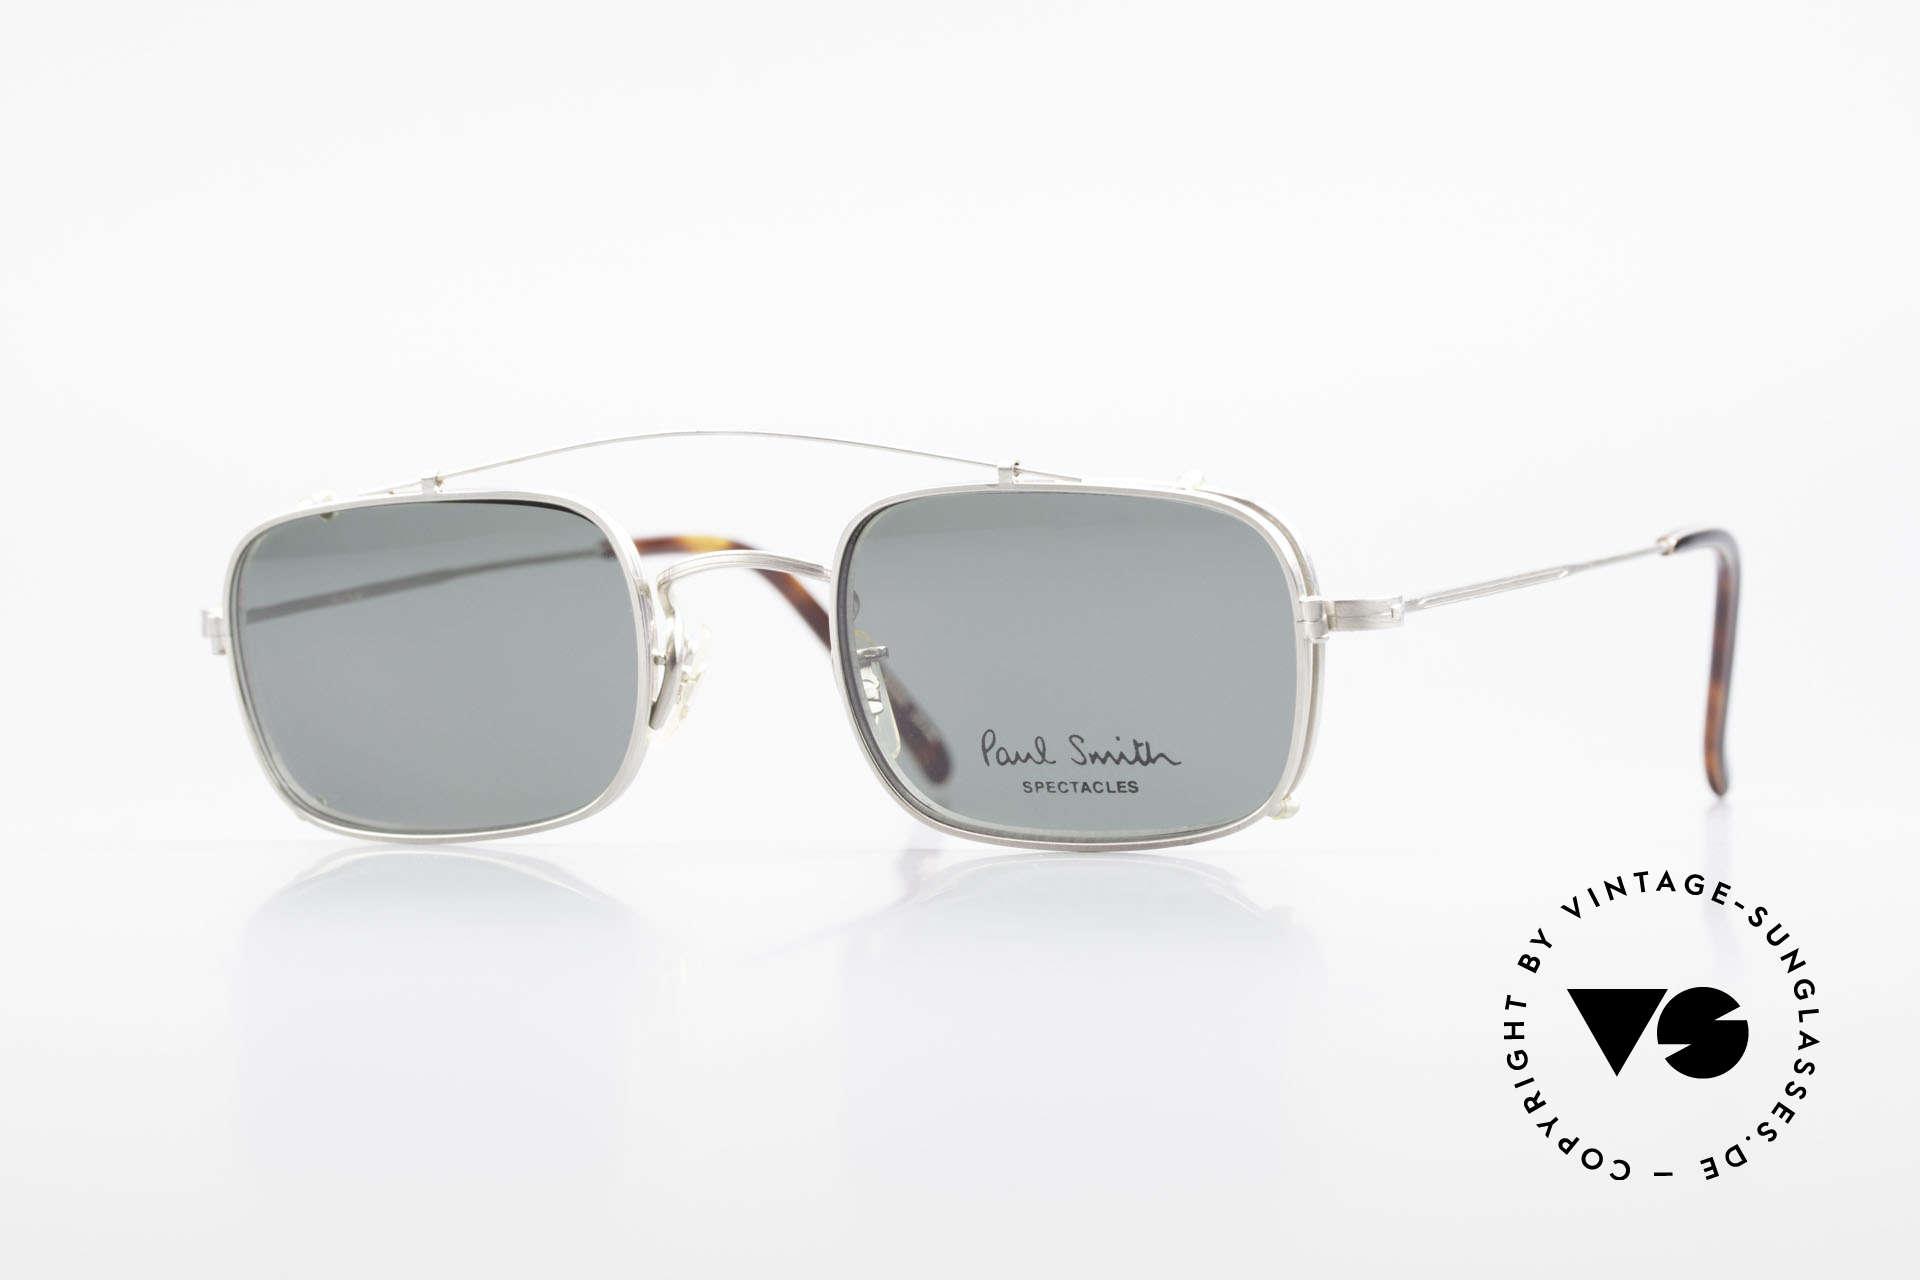 Paul Smith PS101 Eckige Vintage Brille Clip On, Paul Smith vintage Brille der späten 80er / frühe 90er, Passend für Herren und Damen